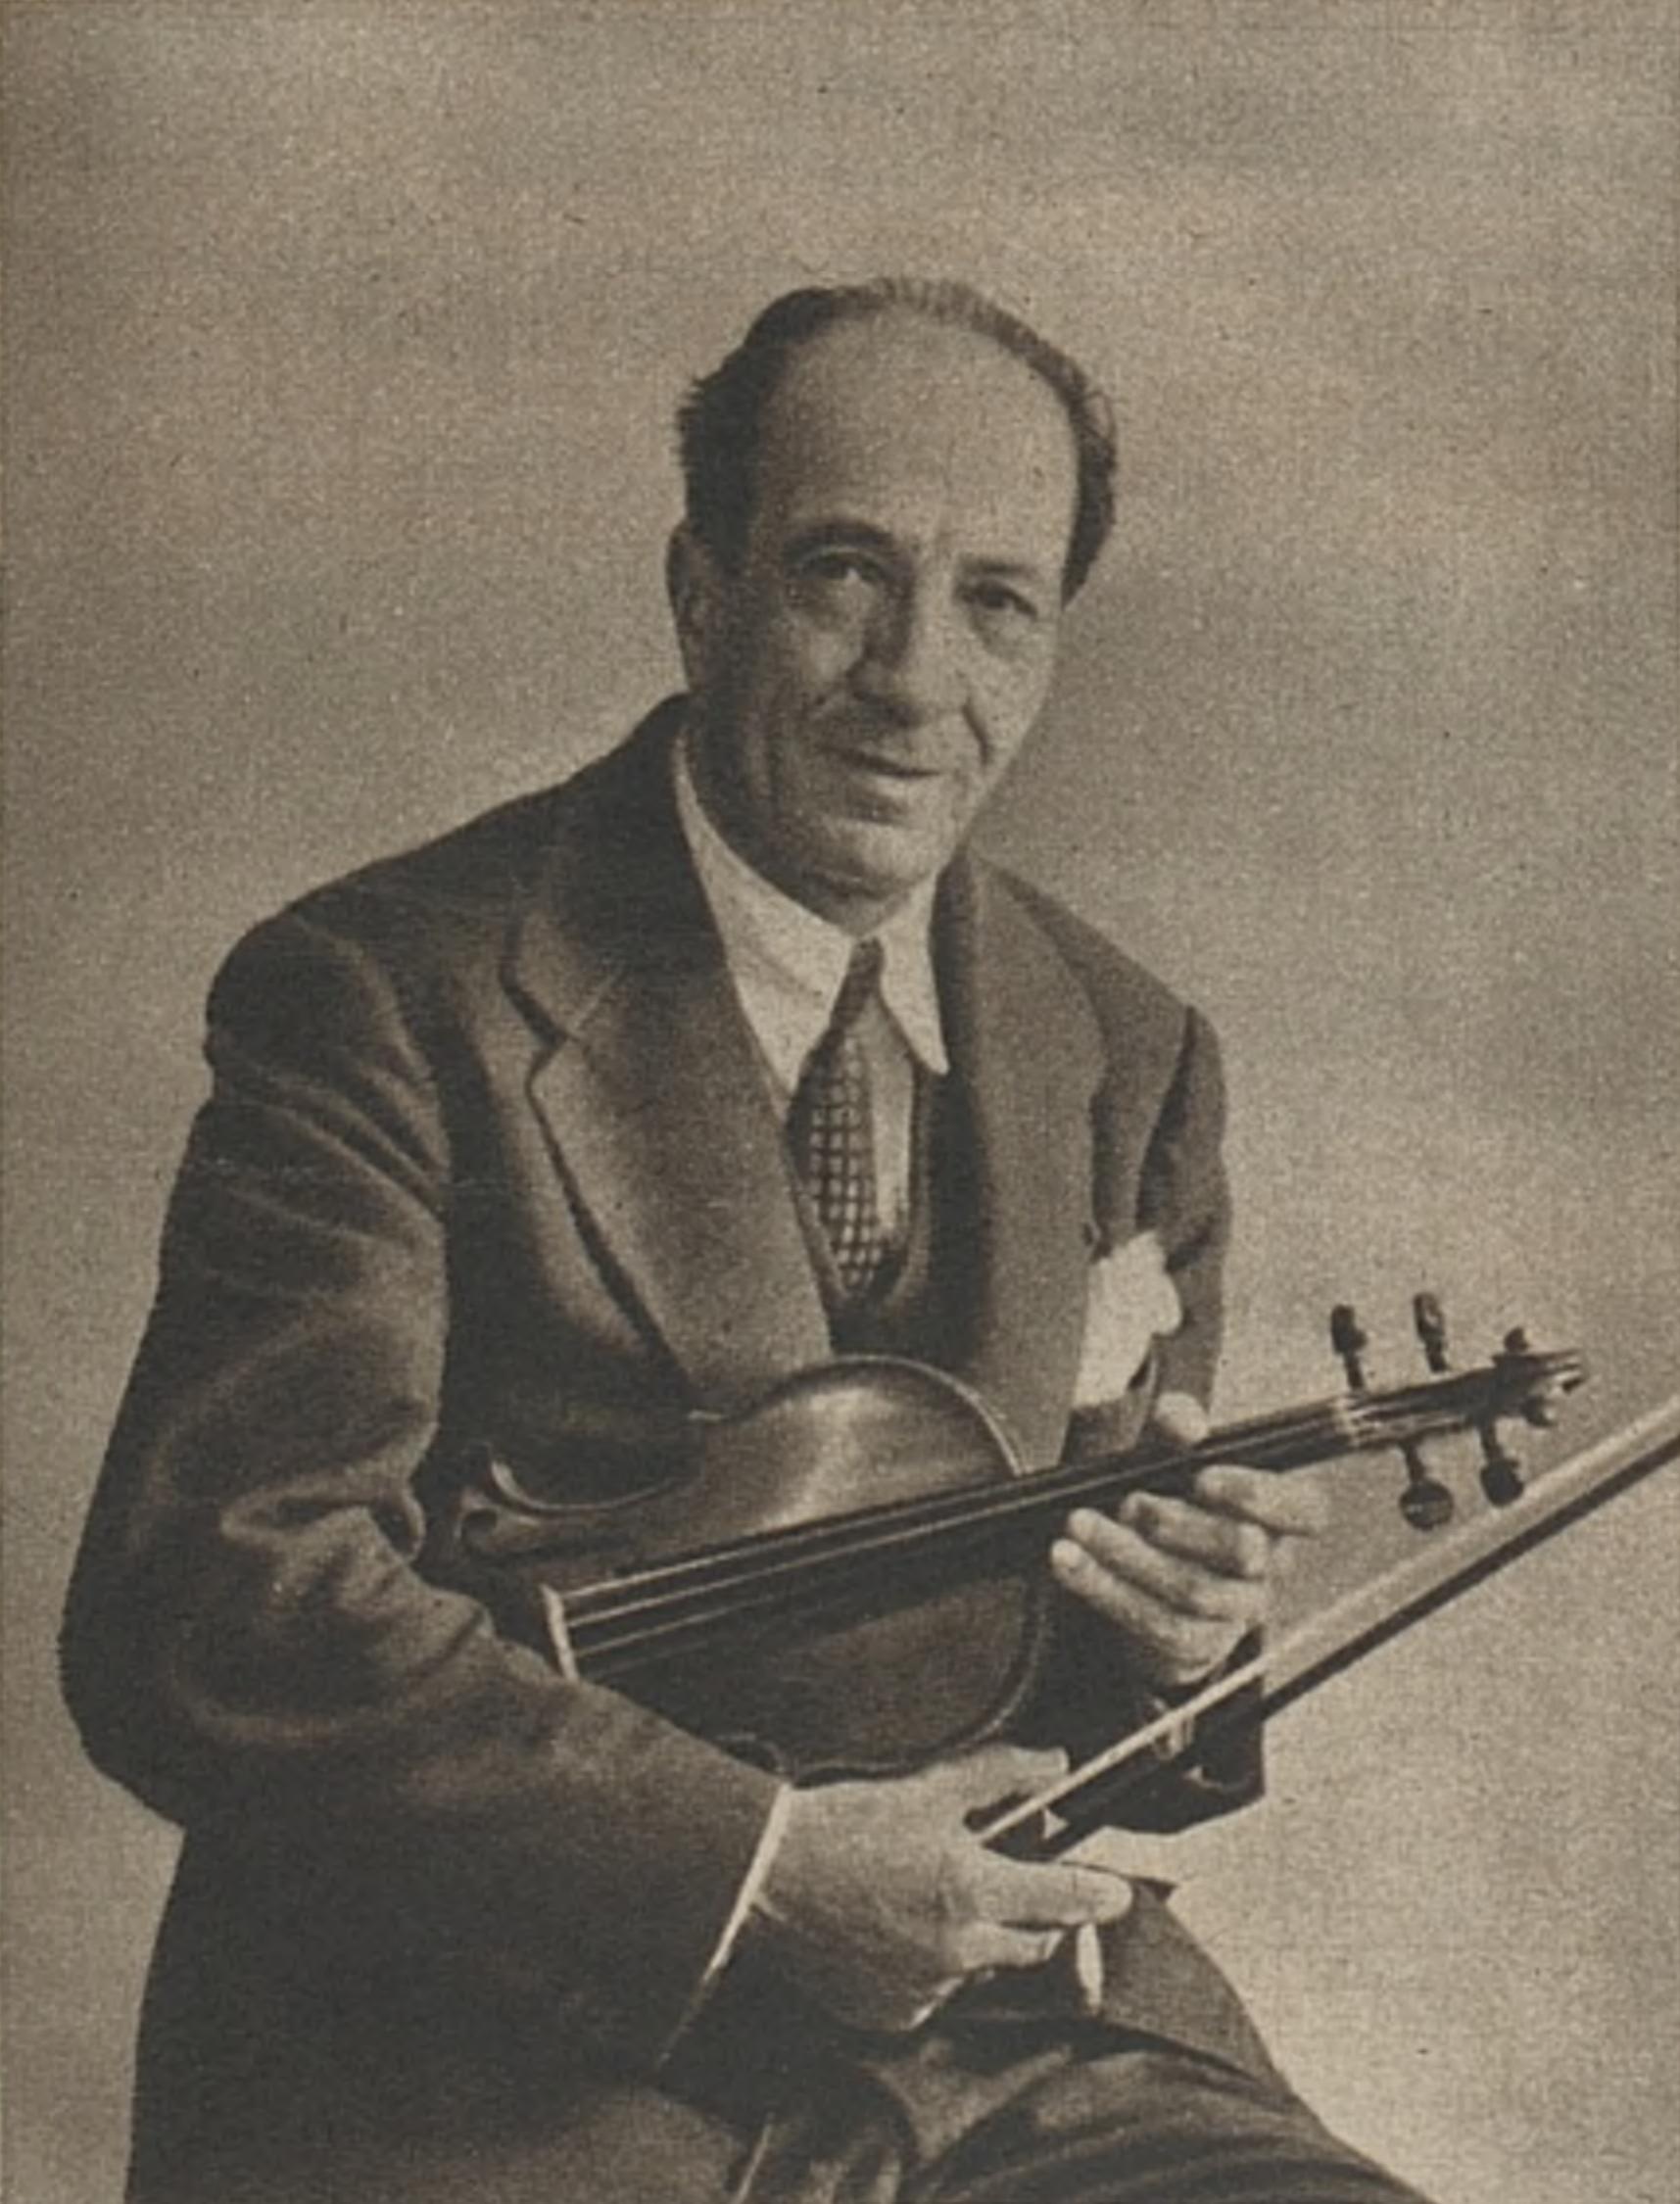 Jacques THIBAUD, un portrait fait par «Photo KETTEL», publié entre autres dans la revue «L'Illustré» du 27 novembre 1941, No 58, page 1504, Cliquer sur la photo pour une vue agrandie